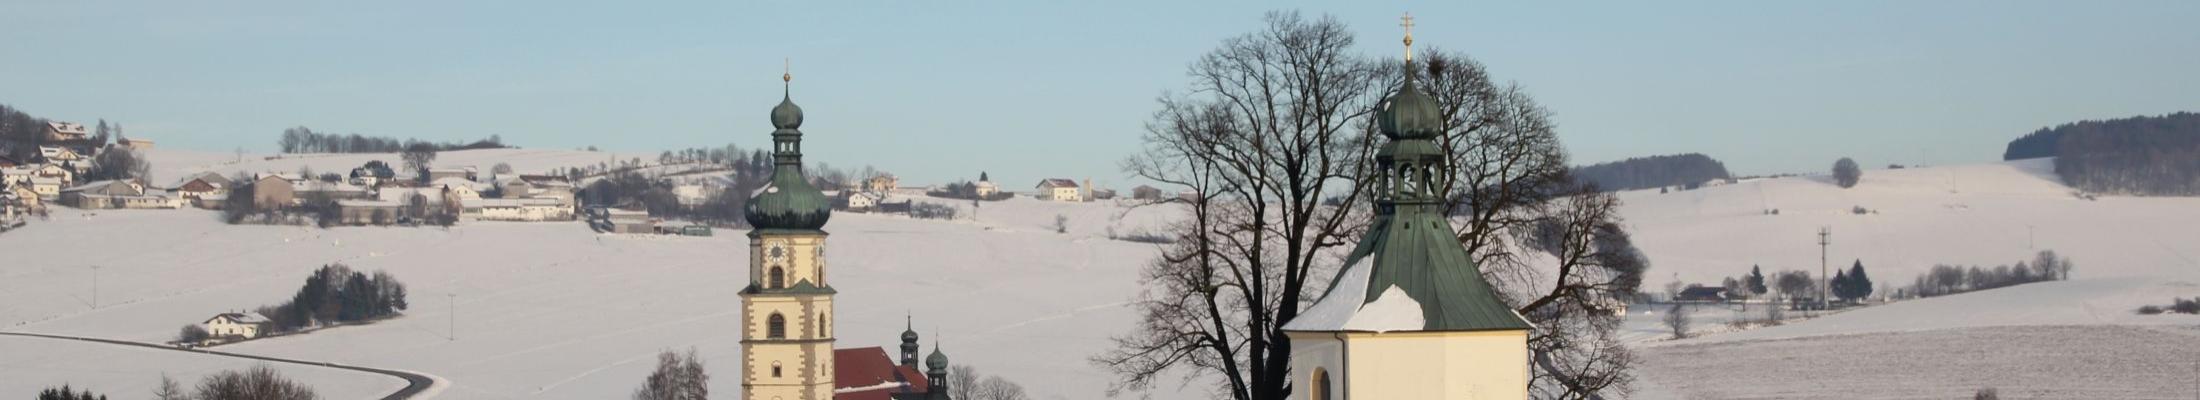 wallfahrtskirche-stanna-winter-gnida